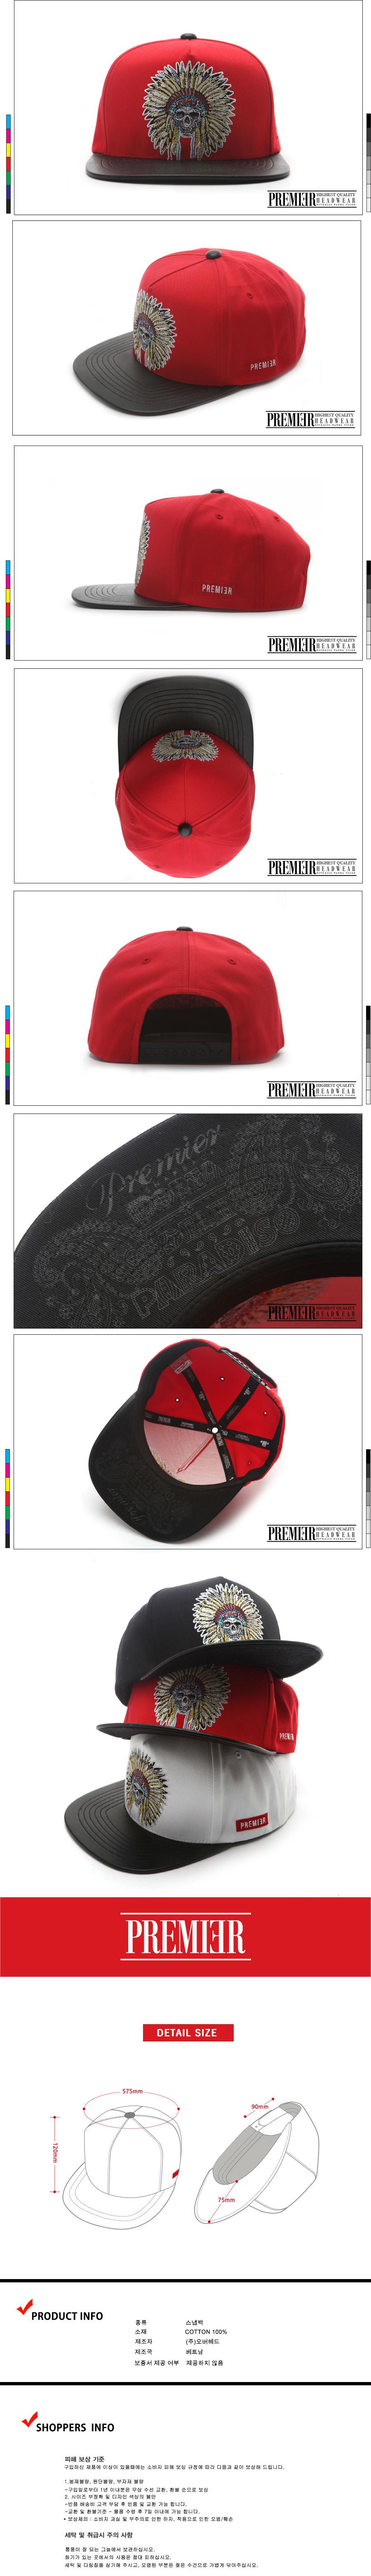 [ PREMIER ] [Premier] Snapback Indion Red/Black